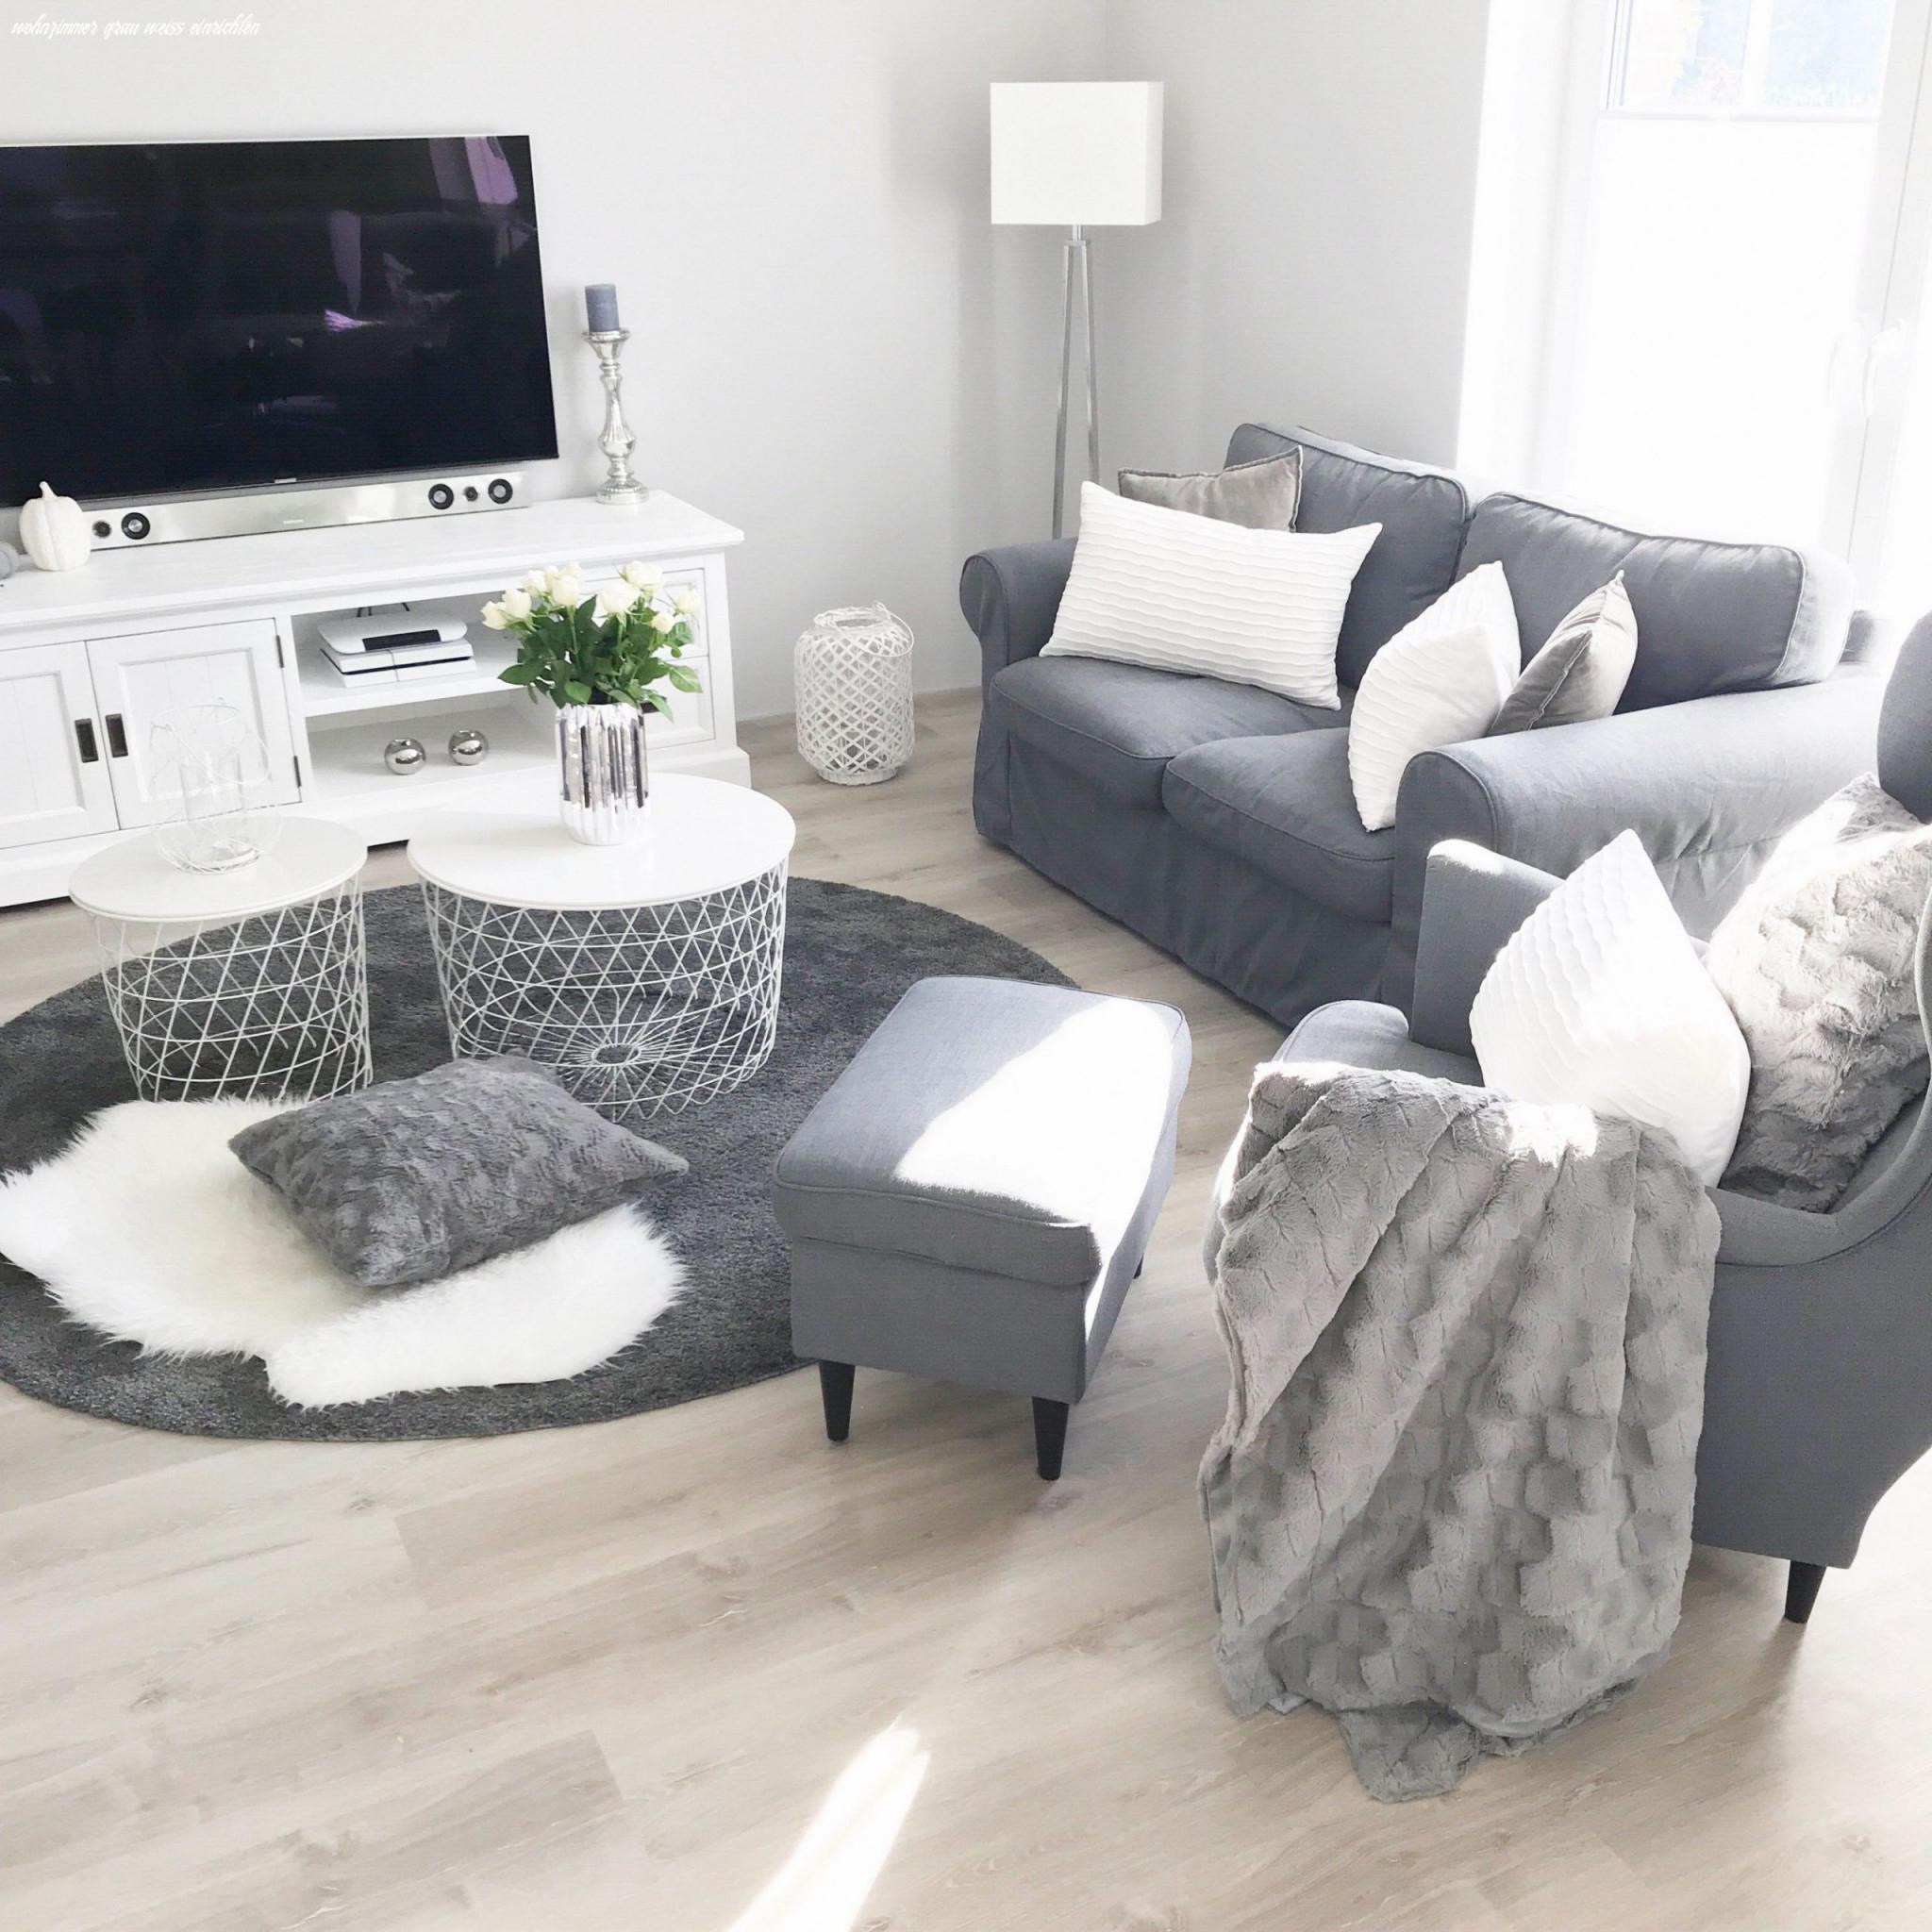 Wie Wird Wohnzimmer Grau Weiss Einrichten In Zukunft Sein von Wohnzimmer Einrichten Grau Bild